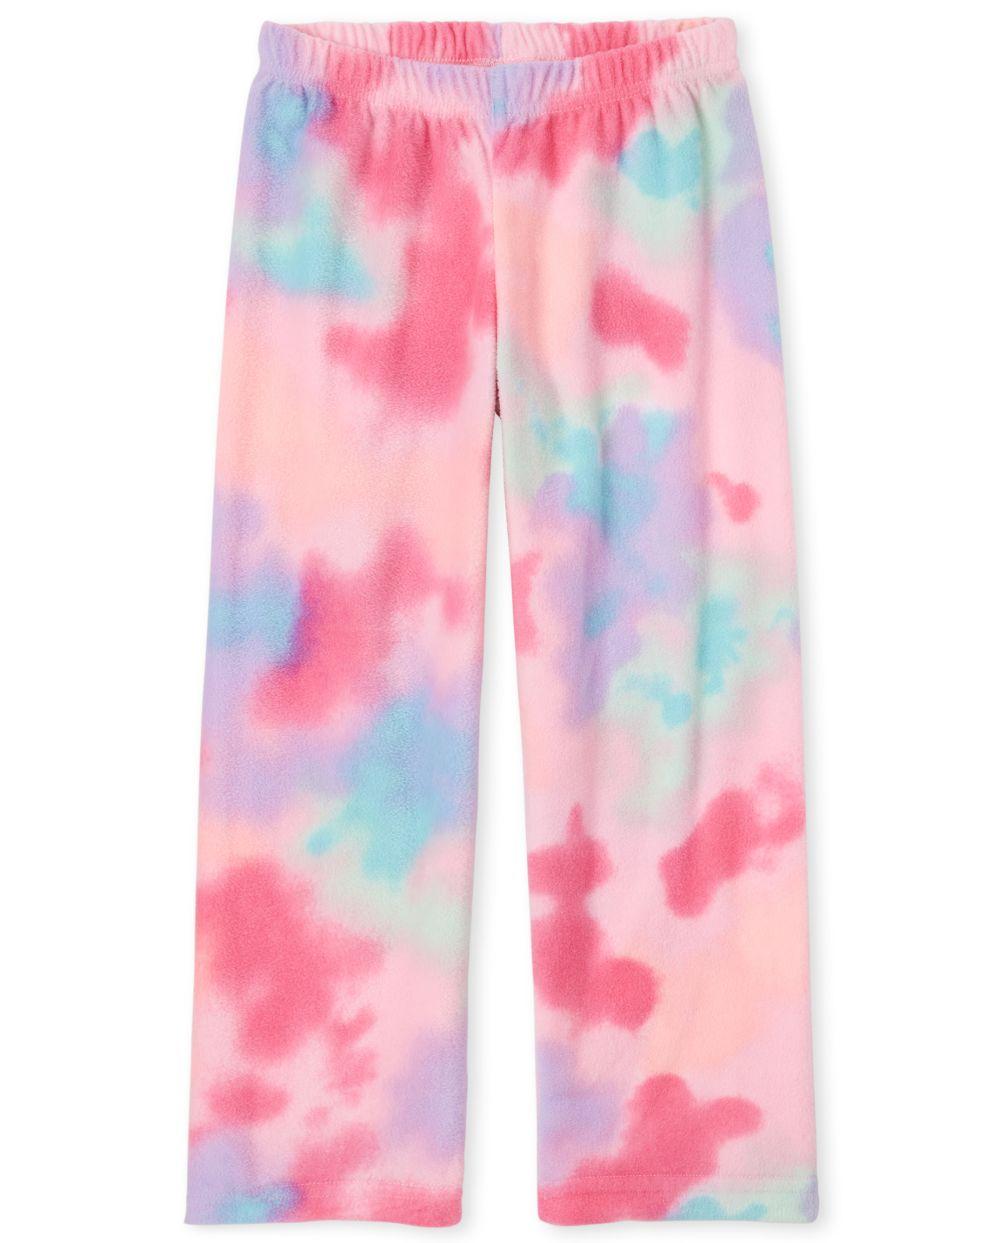 Girls Tie Dye Fleece Pajama Pants